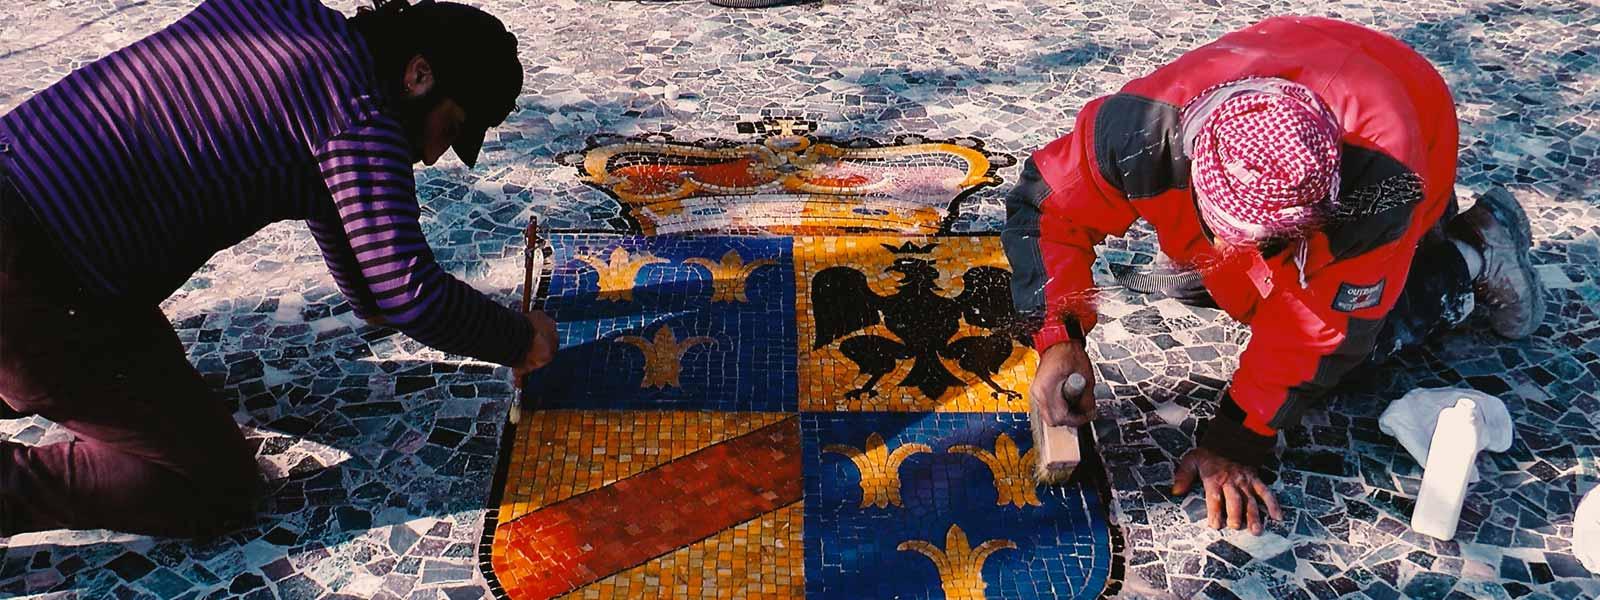 restauro mosaici monza e milano